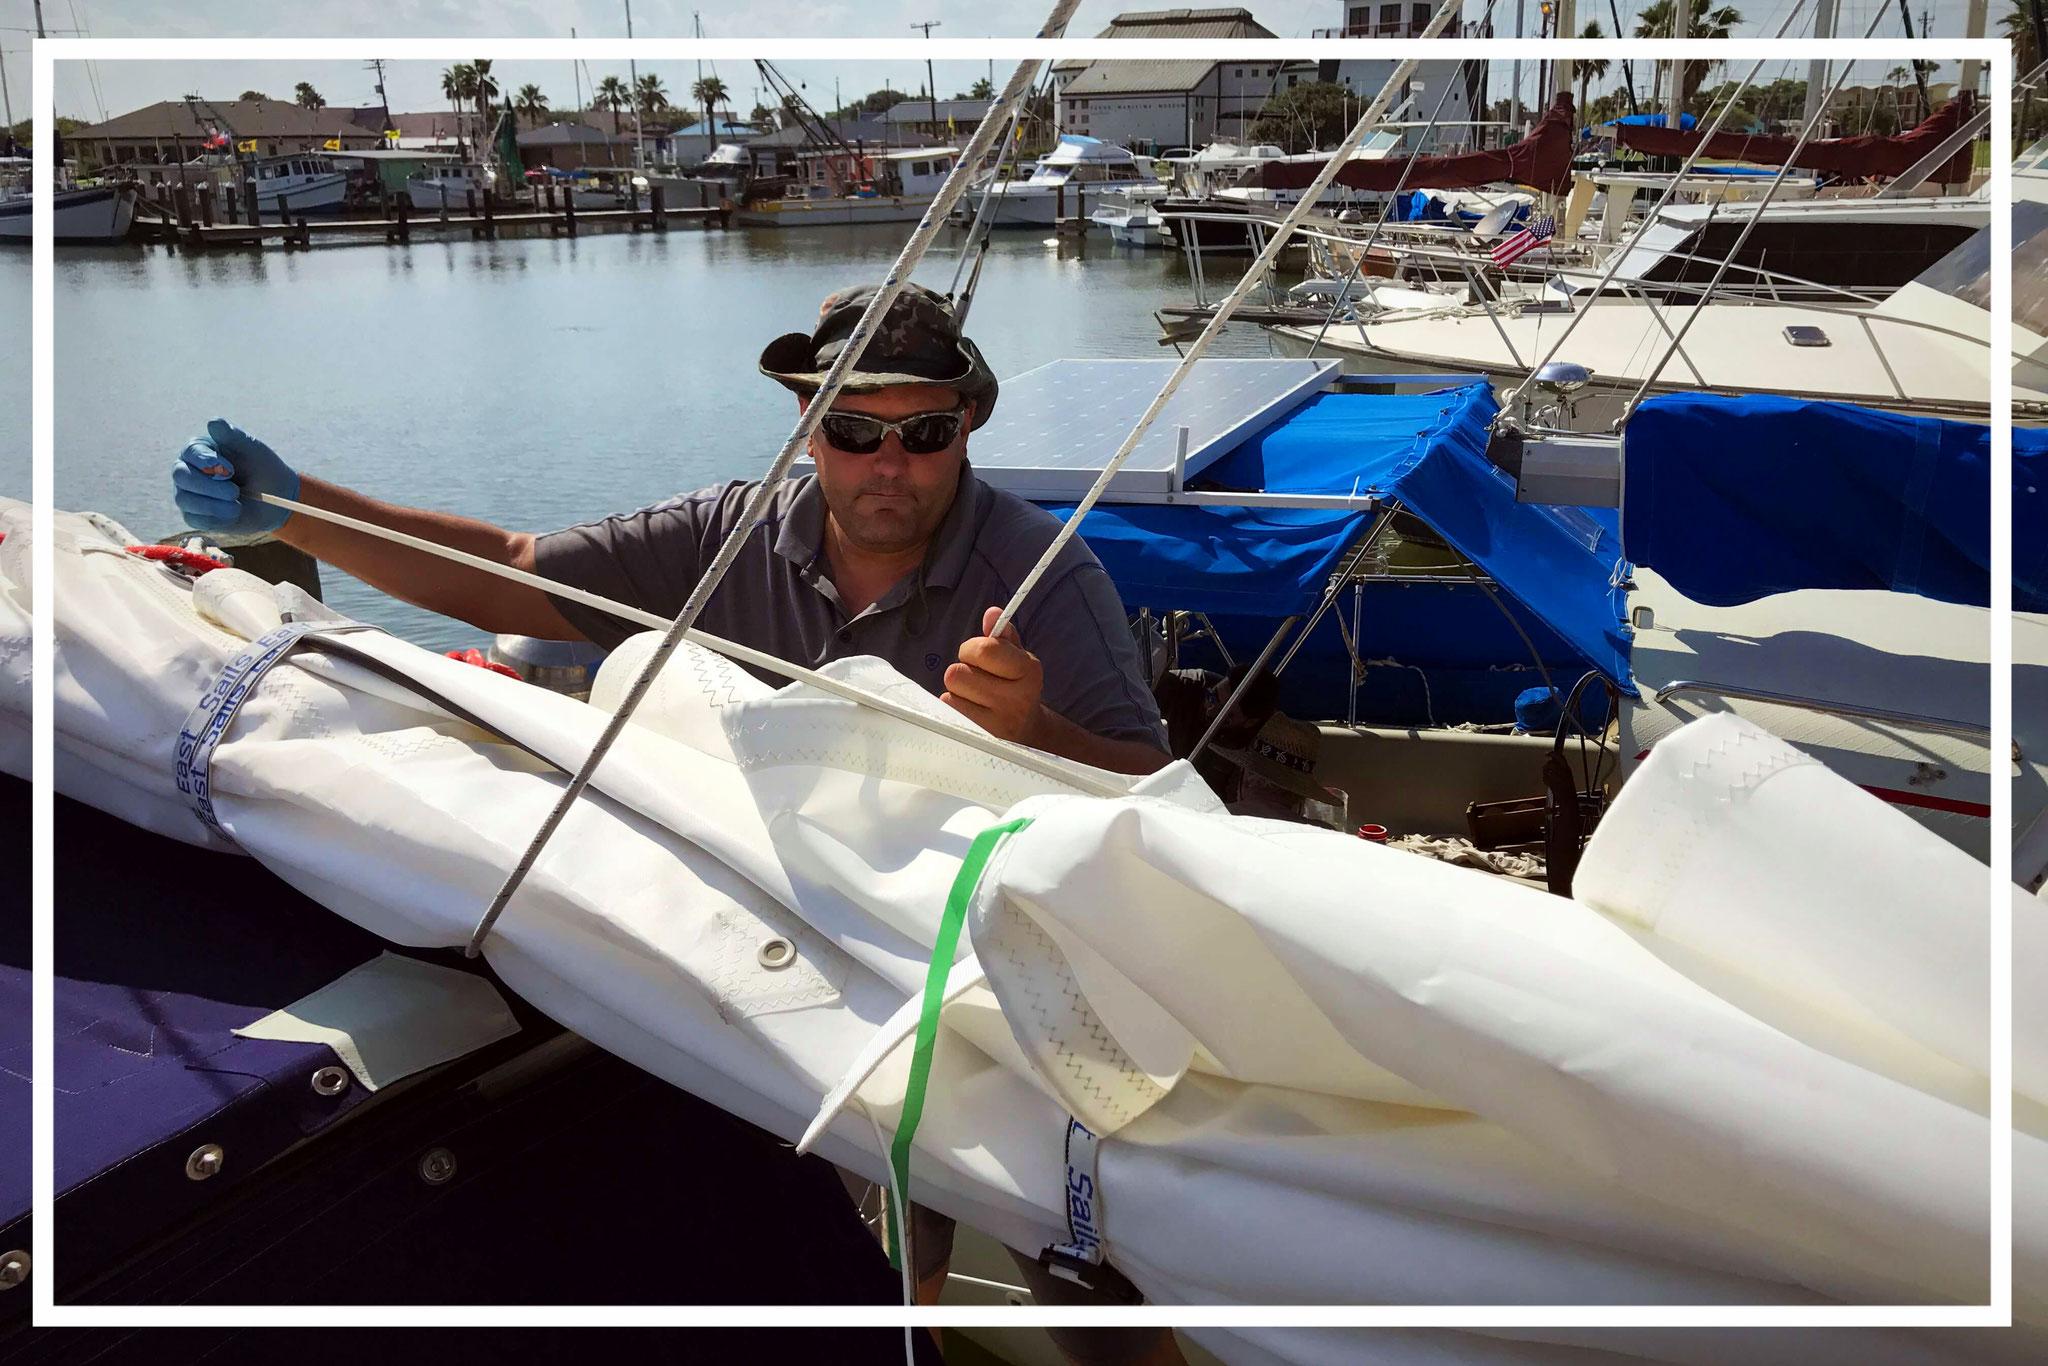 Sail battens in Großsegel eingeschoben, damit sich das Segel nicht so leicht biegt ...